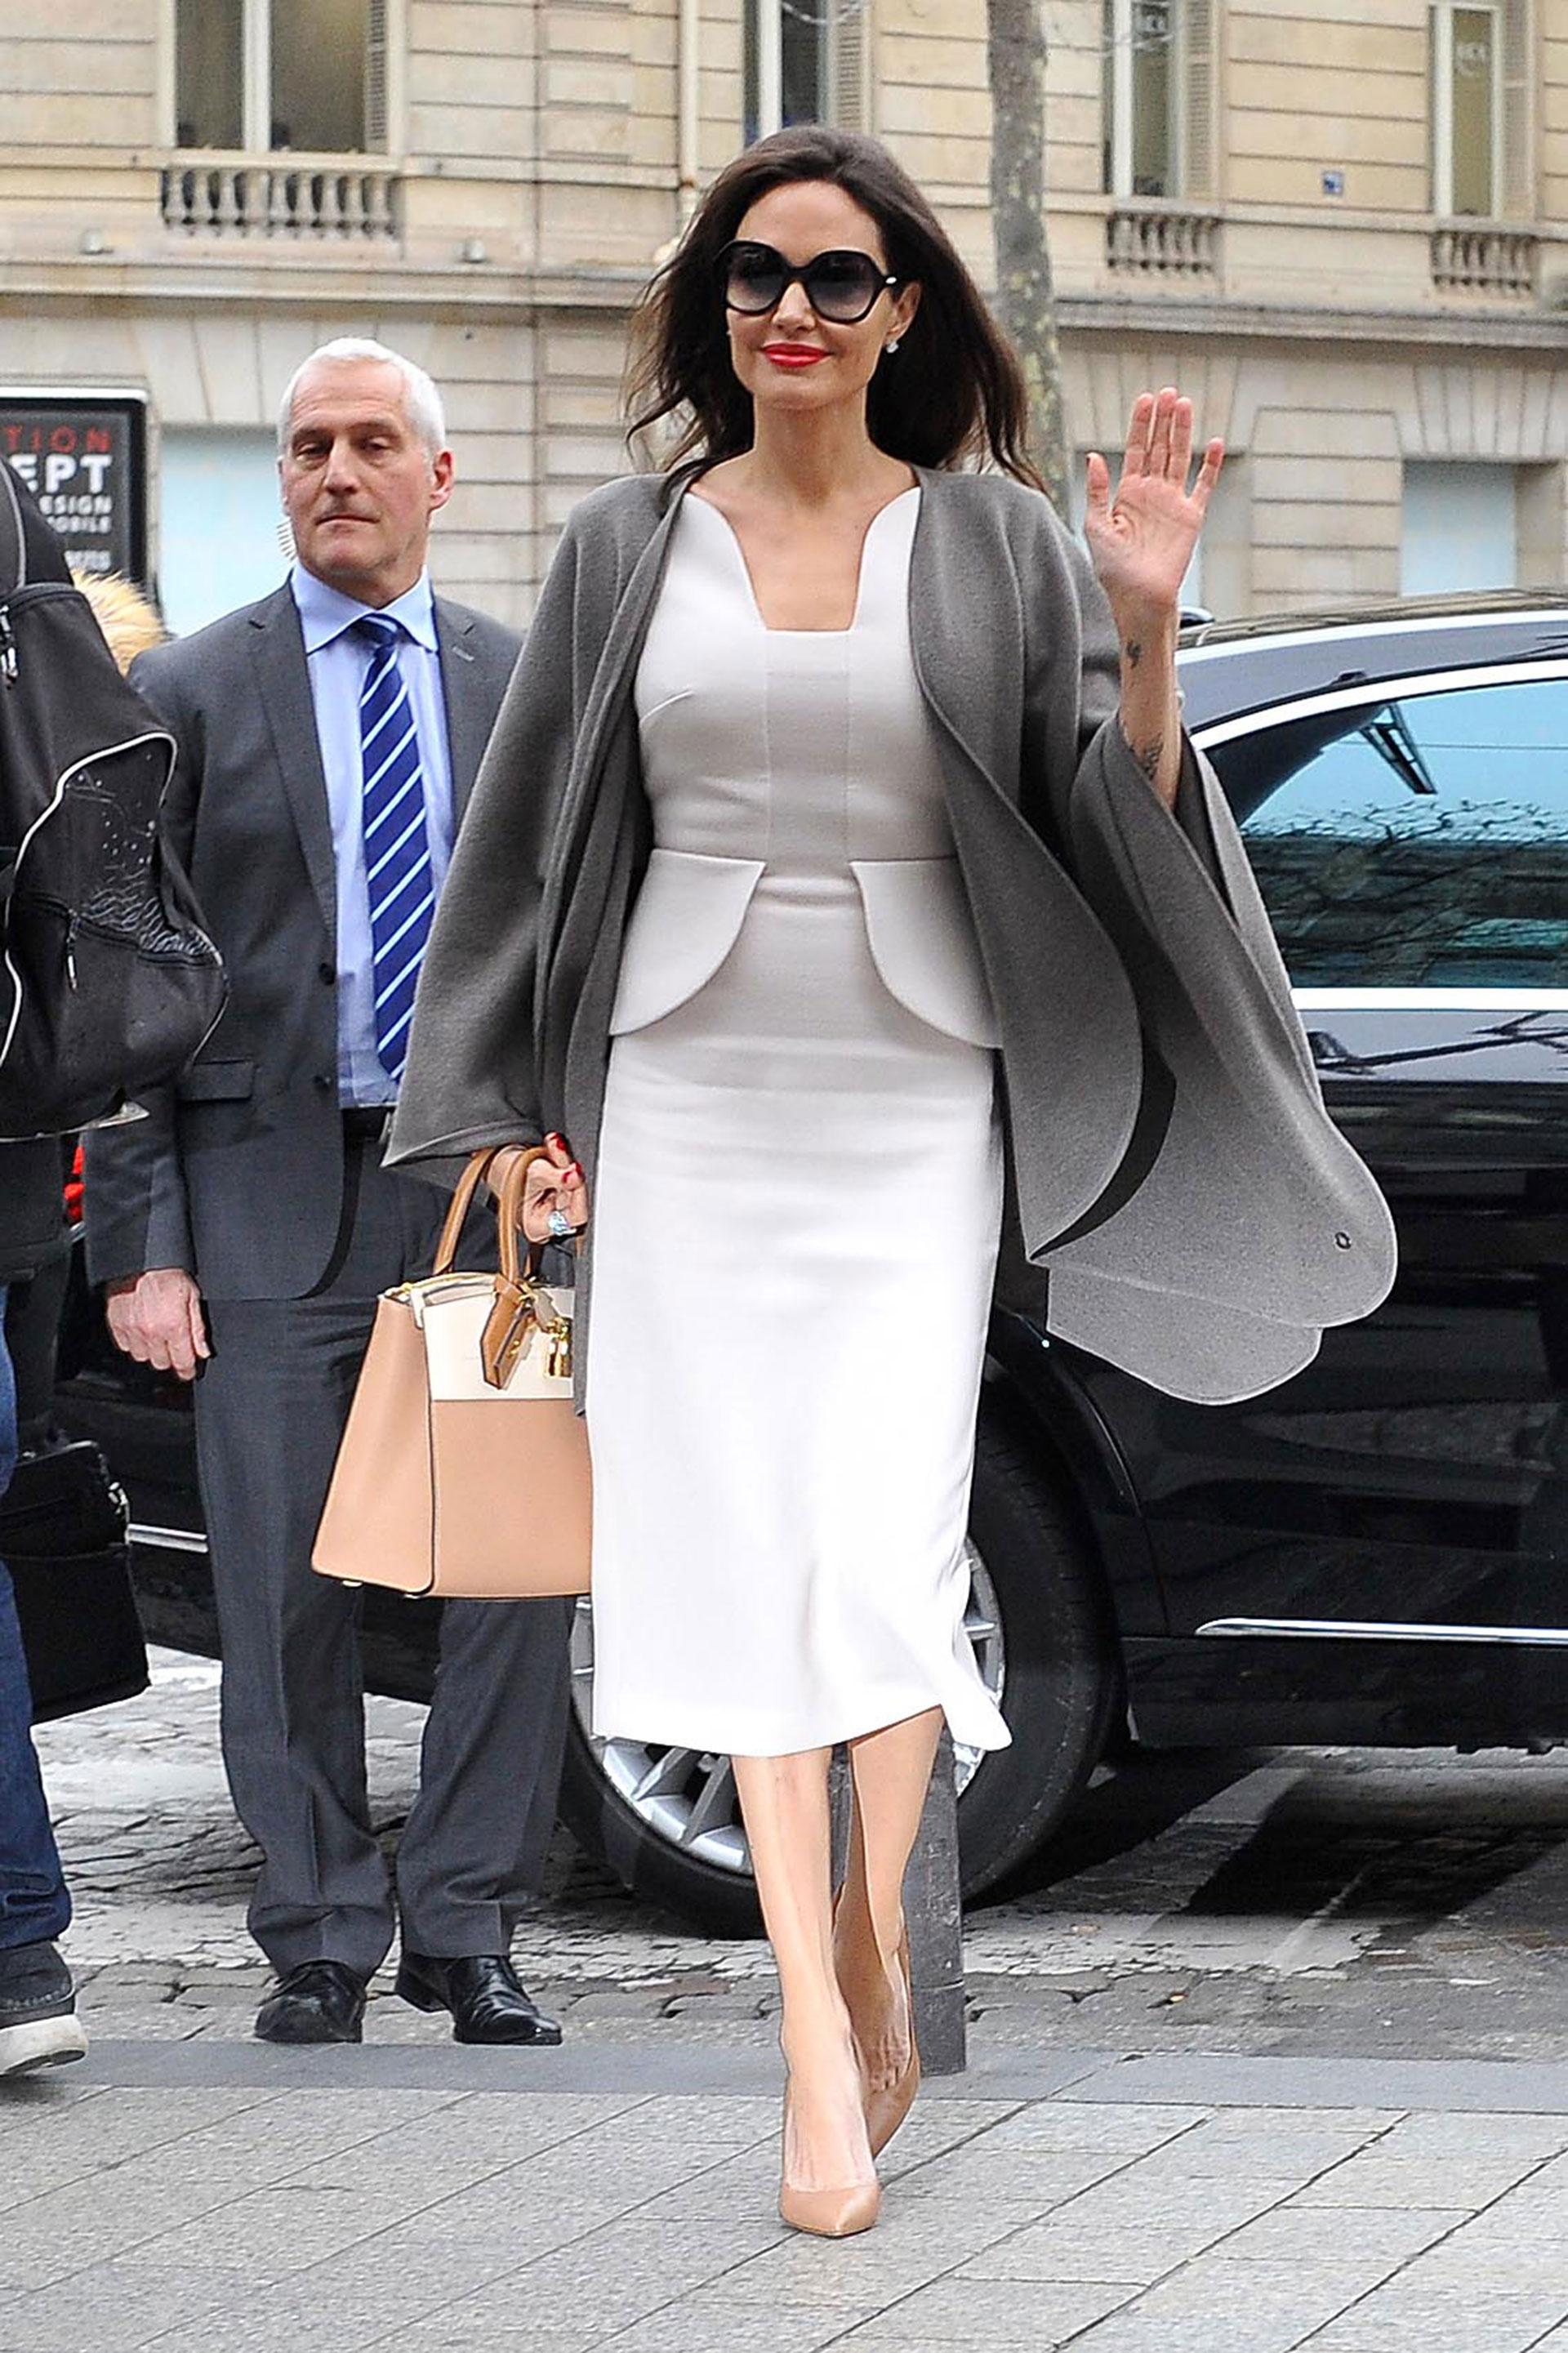 Vestido claro debajo de la rodilla, capa gris, stilettos nude y una gran cartera de mano combinada en su mano derecha: una combinación perfecta